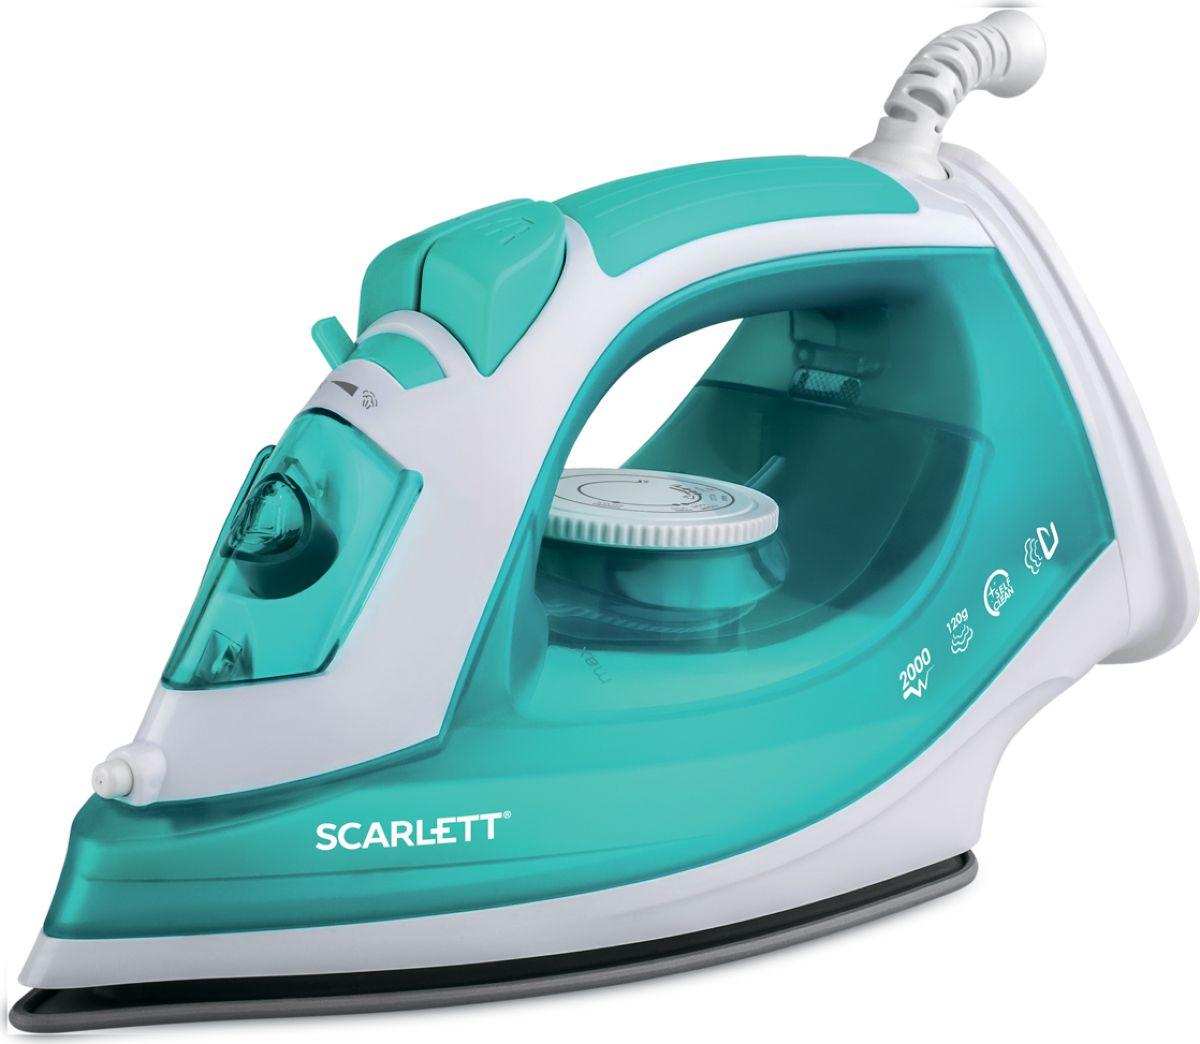 Scarlett SC-SI30P09, Turquoise утюгSC-SI30P09Утюг Scarlett SC-SI30P09 приятно порадует легким скольжением и увеличенным количеством паровых отверстий.Это позволяет быстро и максимально аккуратно проглаживать различные виды ткани.Данная модель имеет плавную регулировку, позволяющую эффективно справляться с деликатной одеждой.Предусматривается вместительный резервуар для воды на 180 мл.Подошва SimplePro - полимерное антипригарное покрытие, паровая подушка при глажении для дополнительнойзащиты белья.